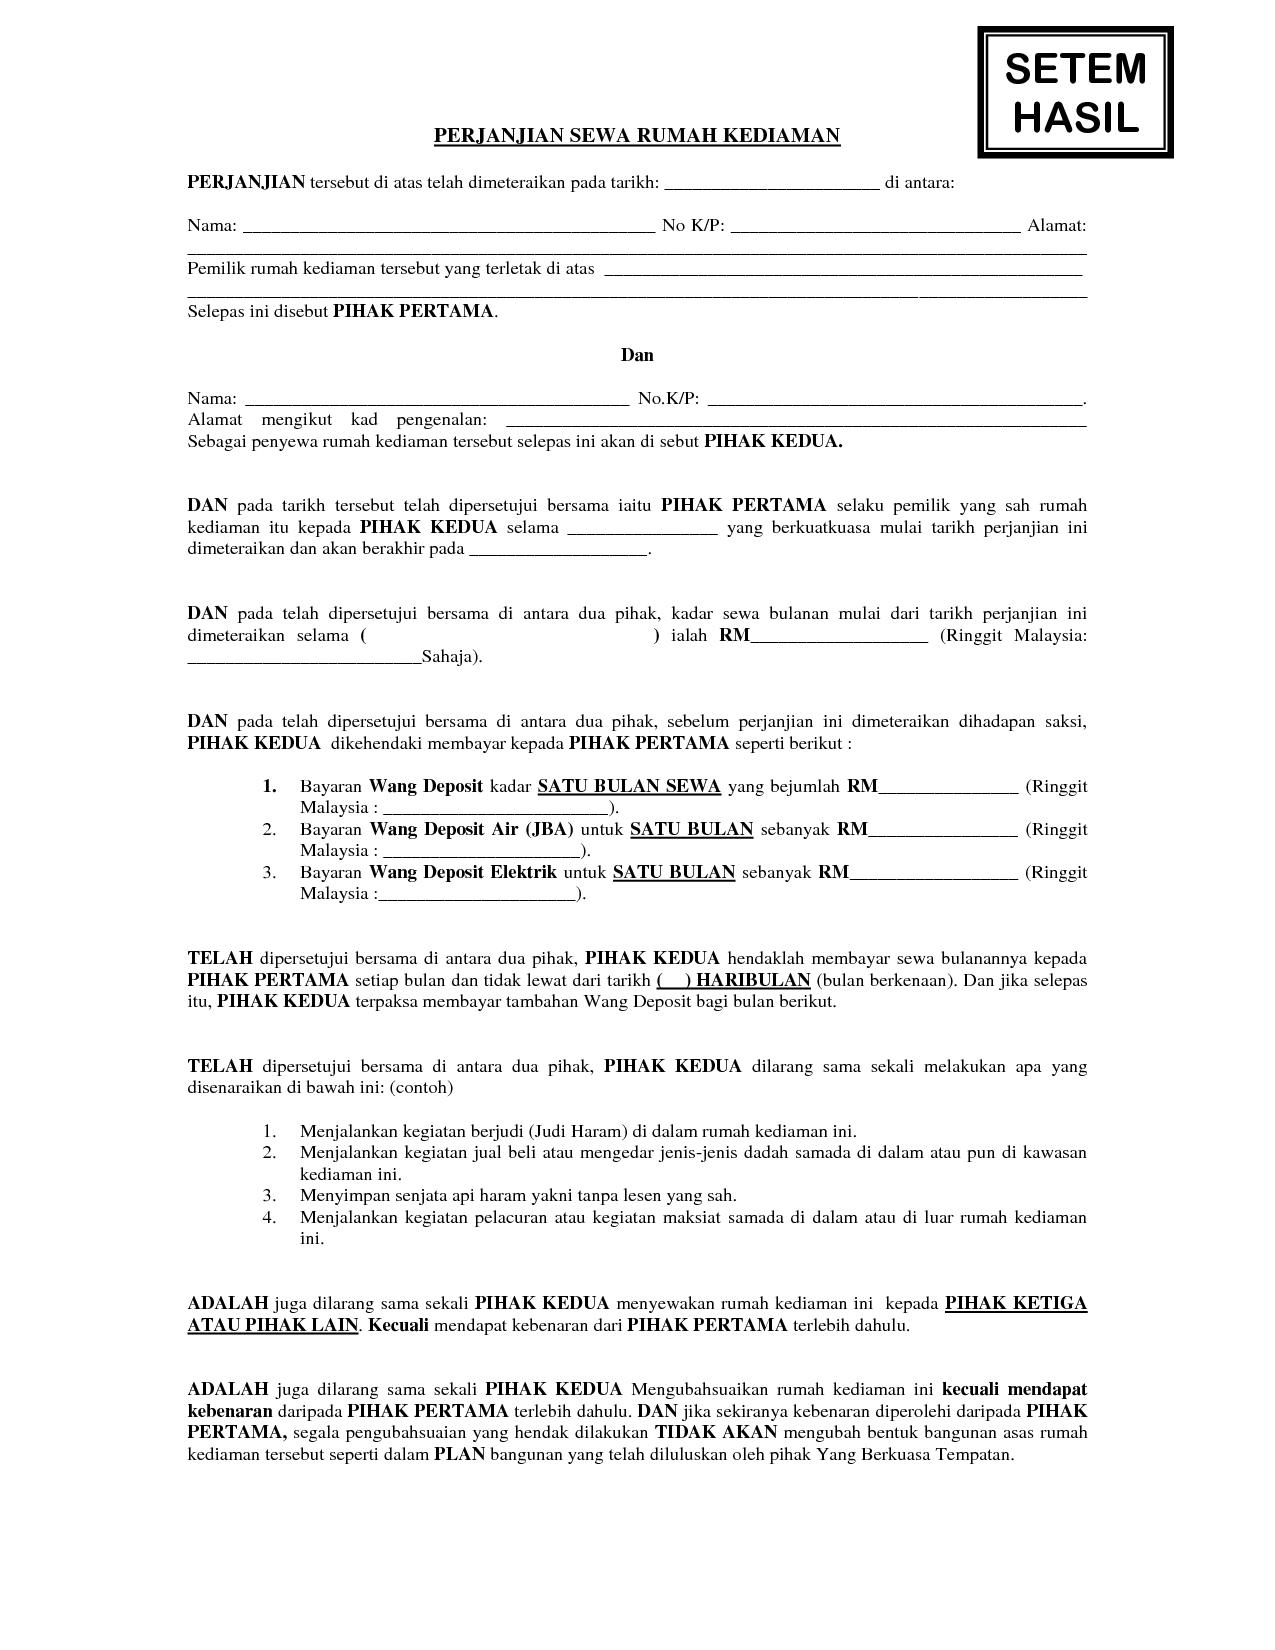 contoh surat perjanjian sewa rumah kediaman pinterest